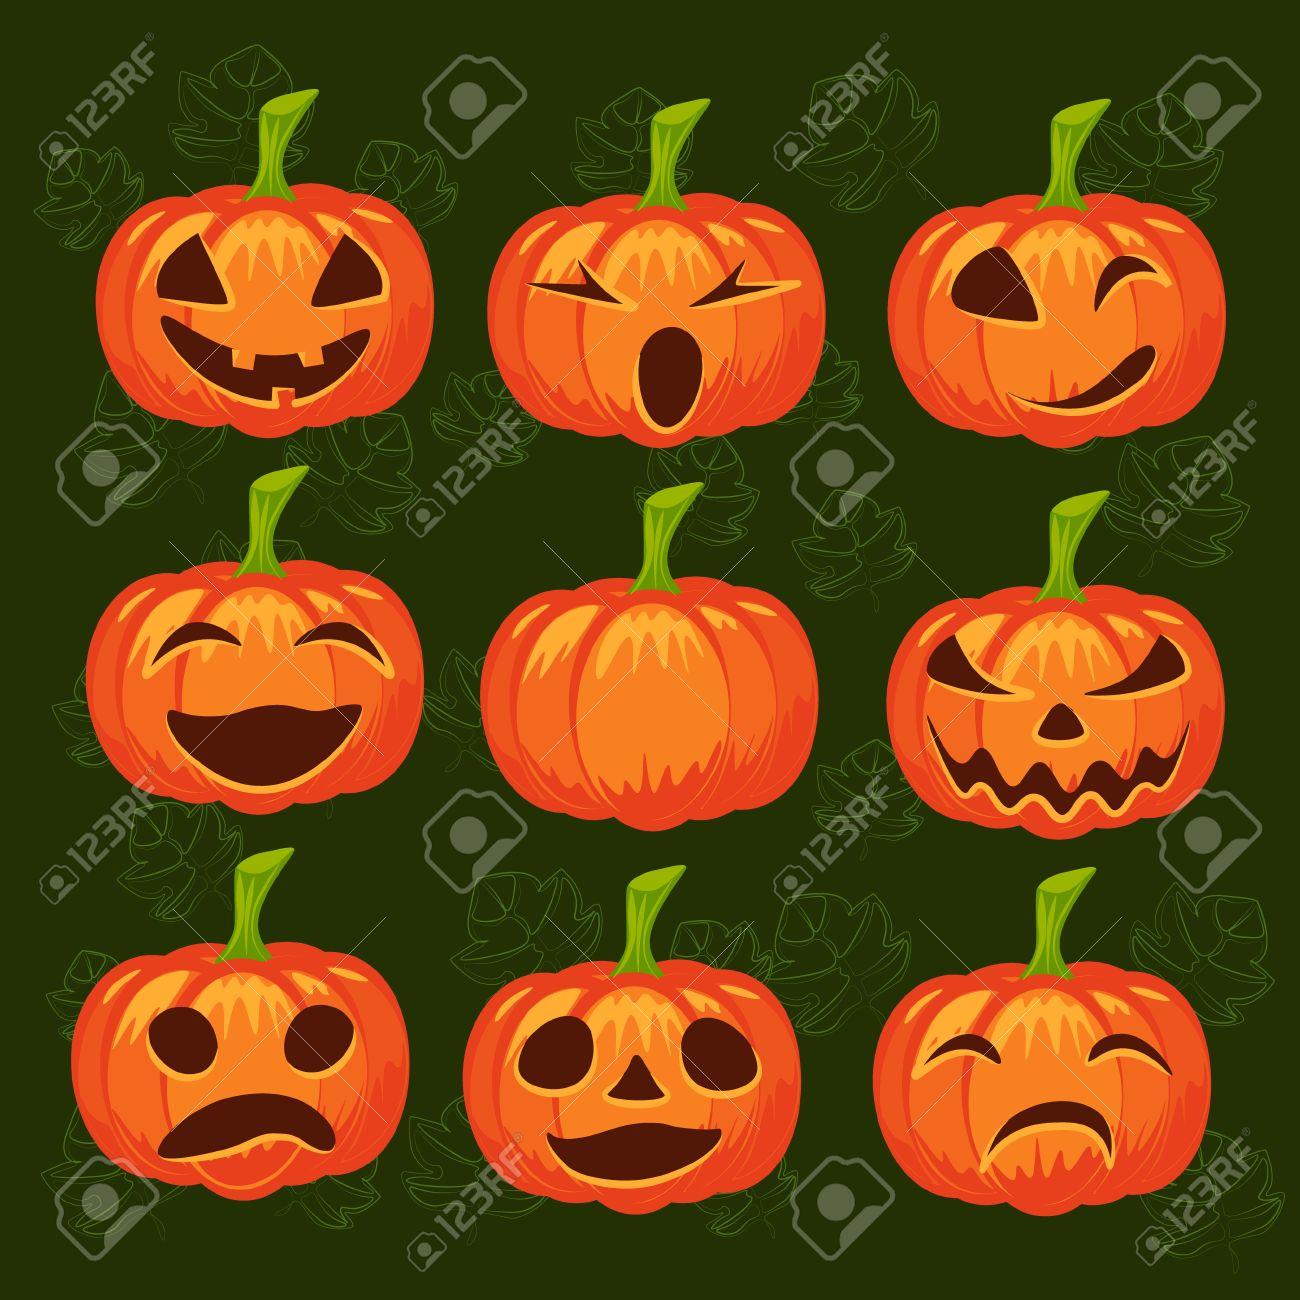 Conjunto De Vectores De Calabazas Diseño De Halloween La Emoción La Risa Enojado Sonriente Triste Asustadizo Mal Sonrisa Guiño Linterna Para El Sitio Web Folleto Tarjeta Invitstion Ilustraciones Vectoriales Clip Art Vectorizado